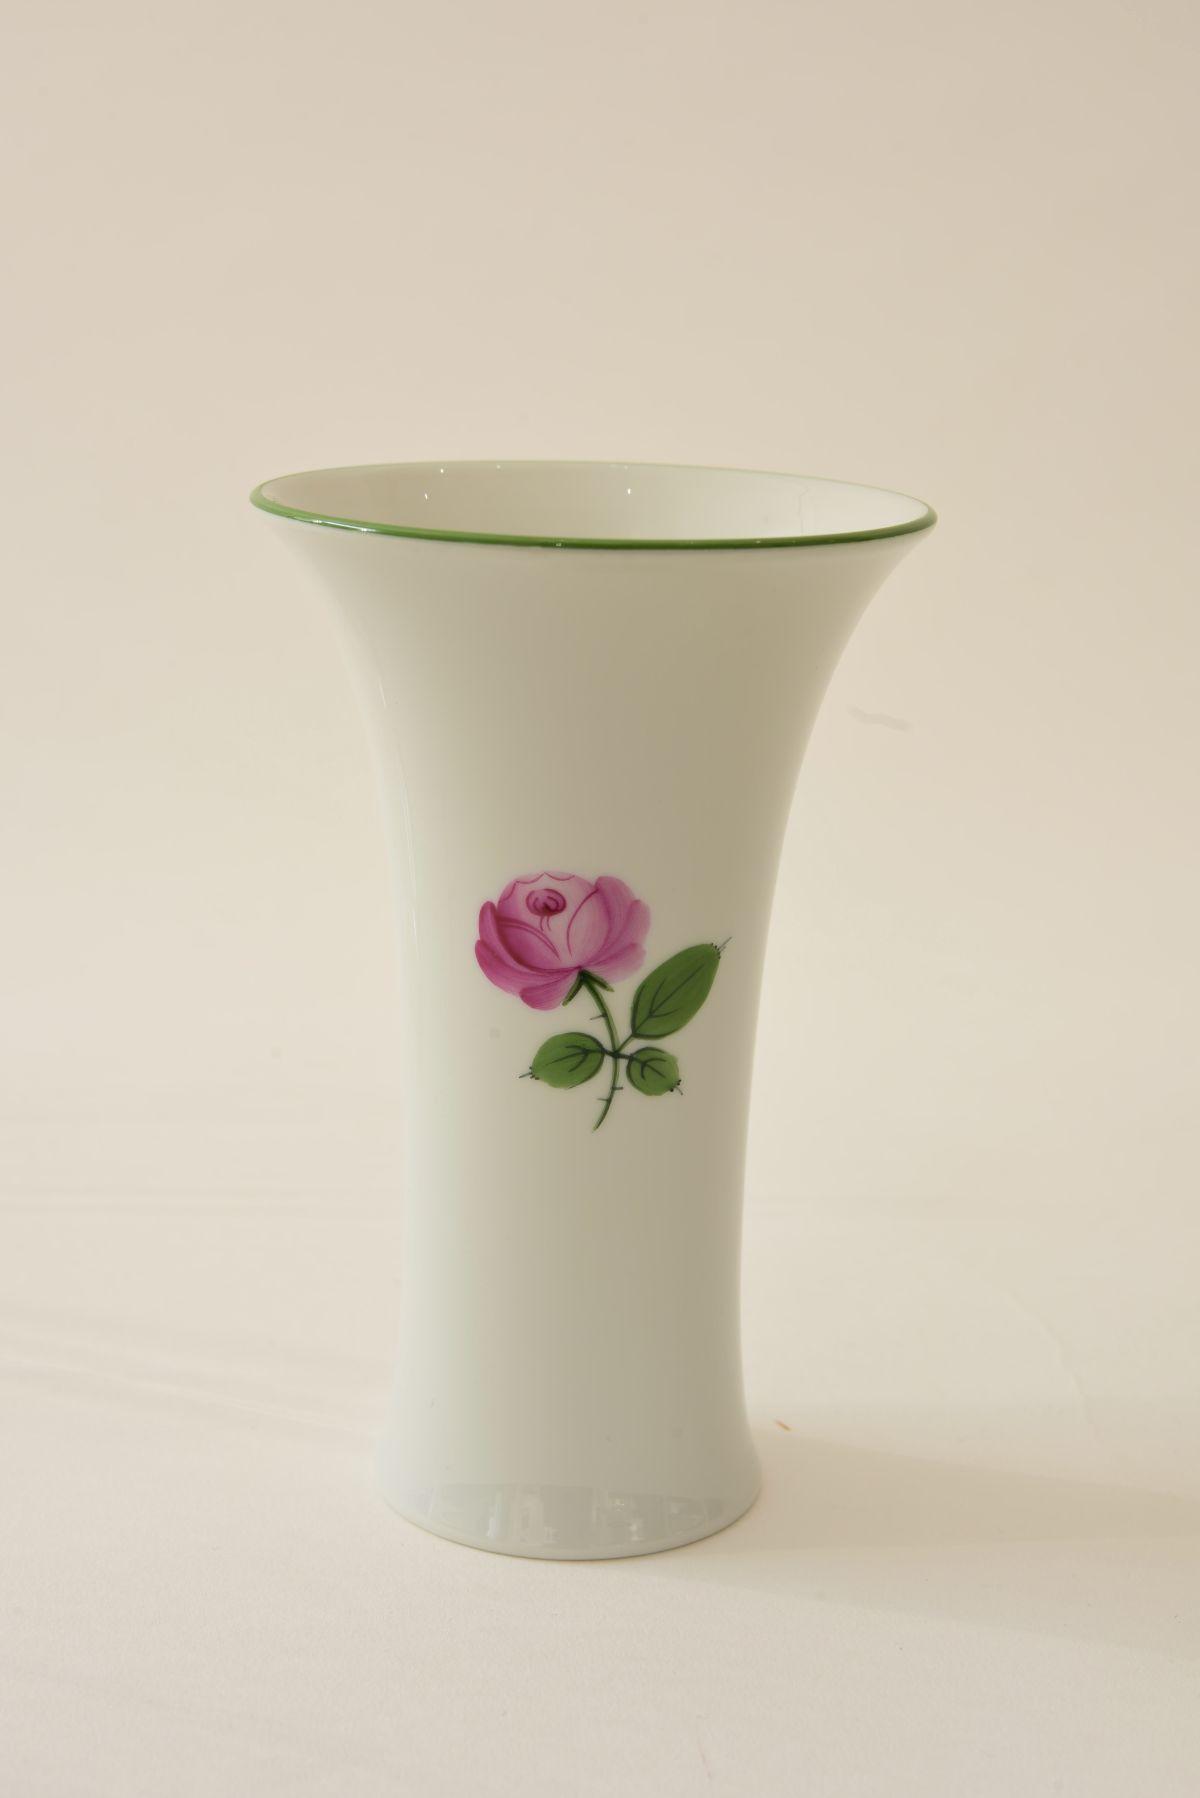 #212 Vase Augarten | Vase Augarten Image